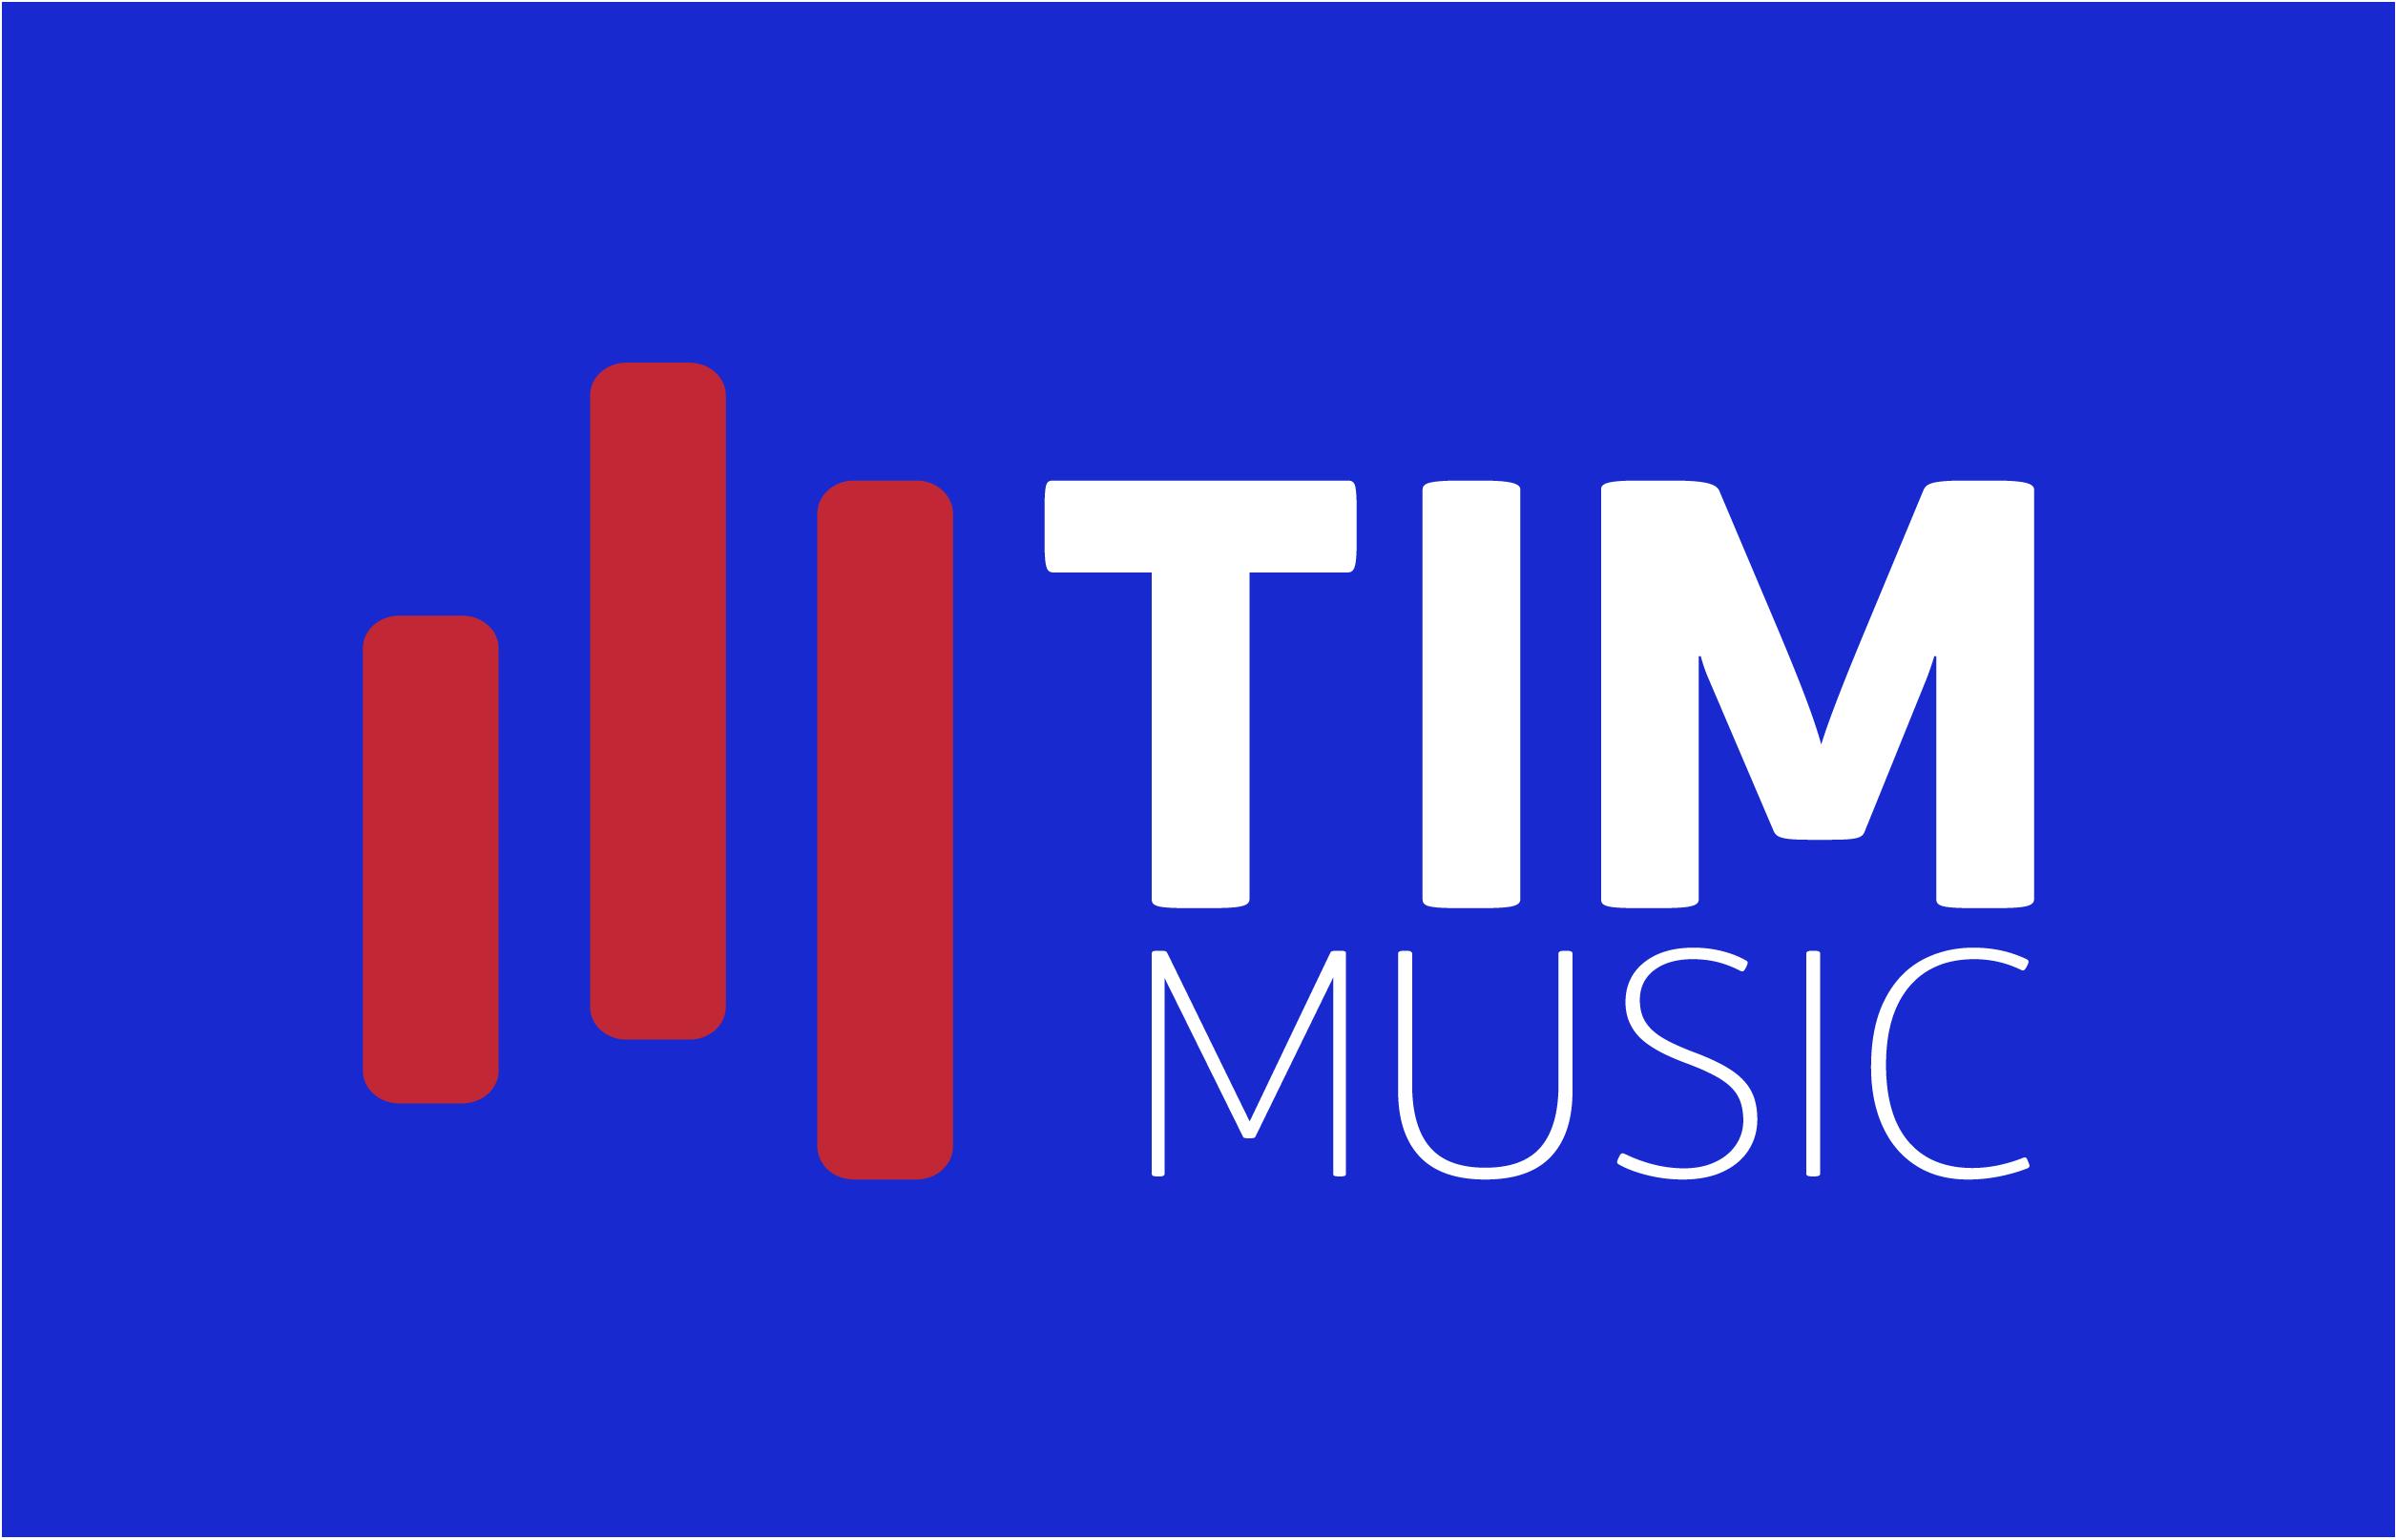 O Festival Tim Music vai ser transmitido pelo Multishow na TV e no Play (Foto: Divulgao)